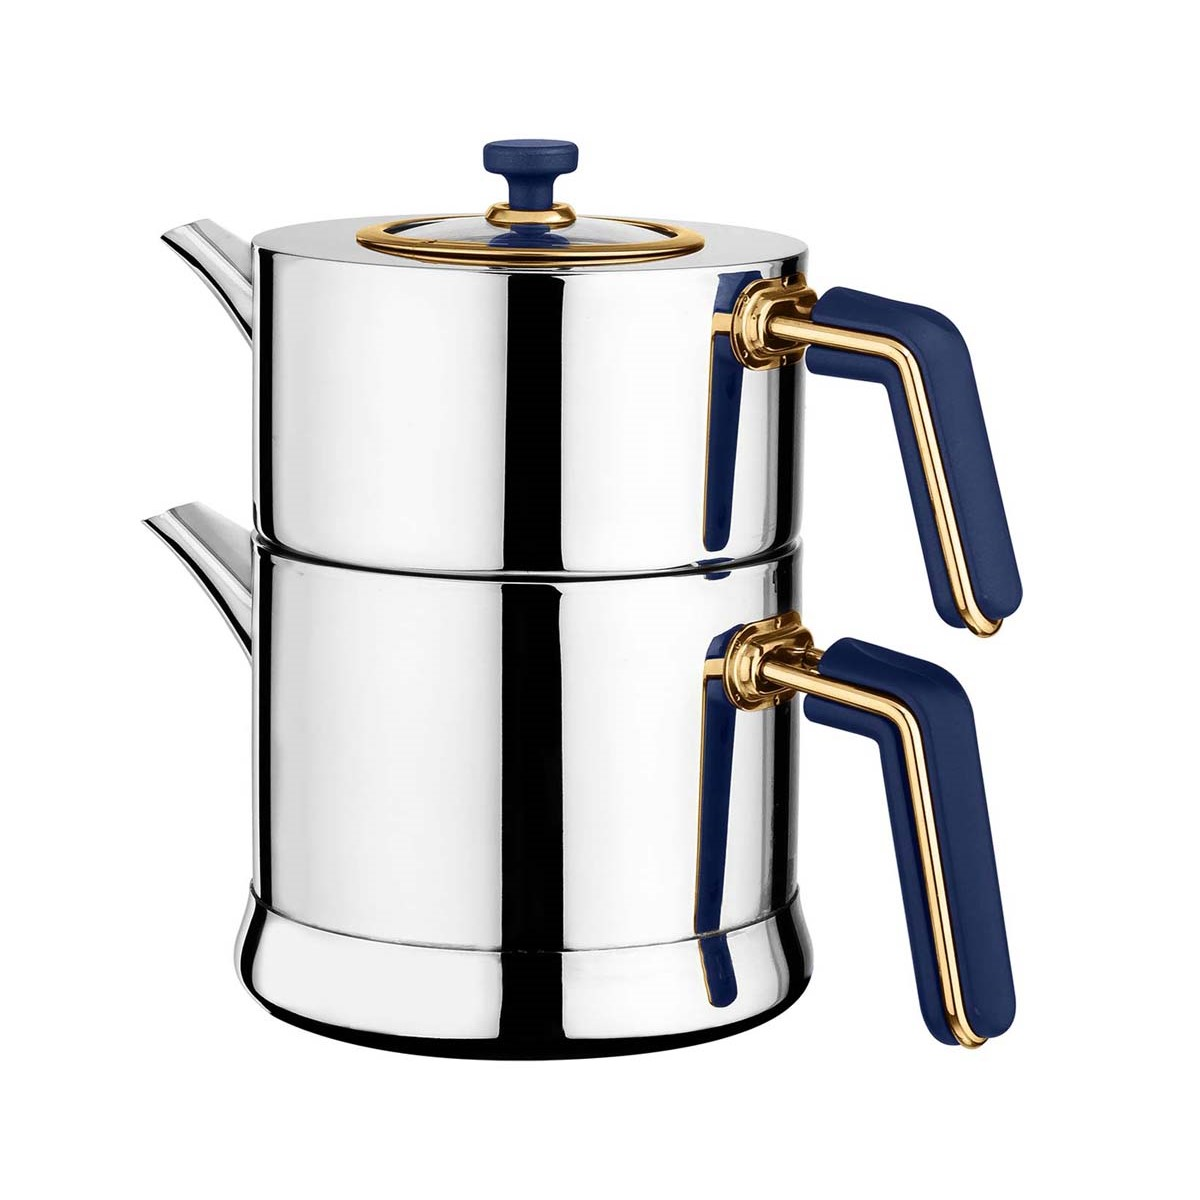 Yakamoz Bemol Çelik Çaydanlık - Thumbnail